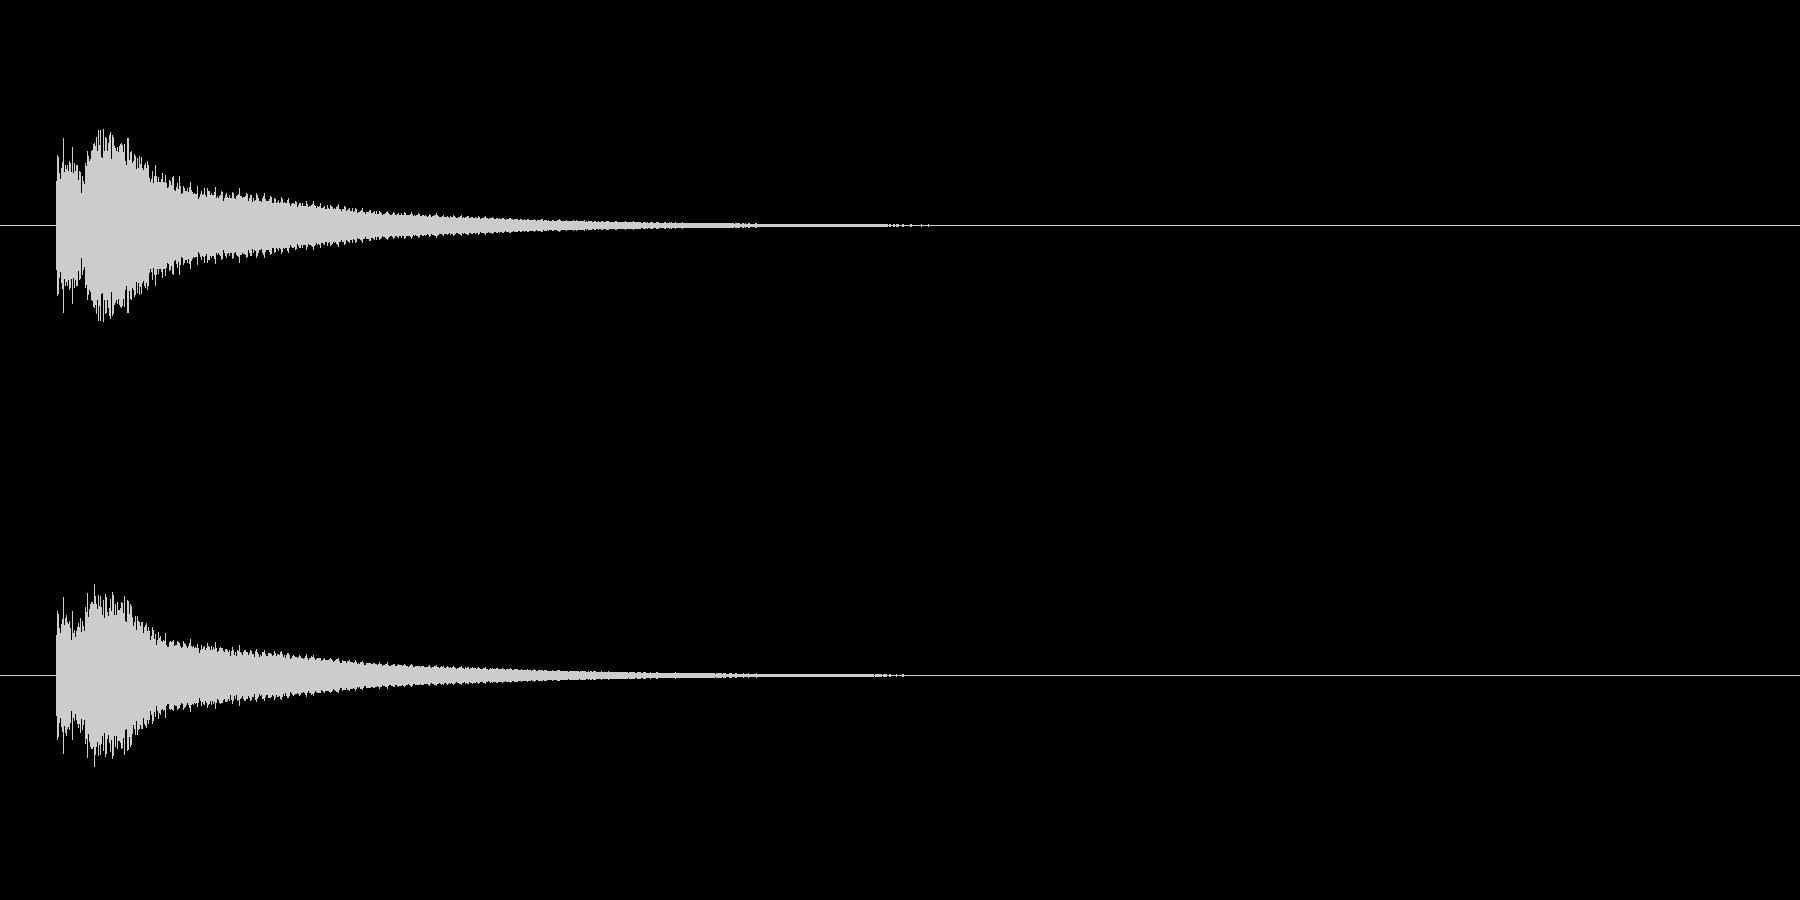 カーン(鐘の音/教会の鐘/時報)の未再生の波形